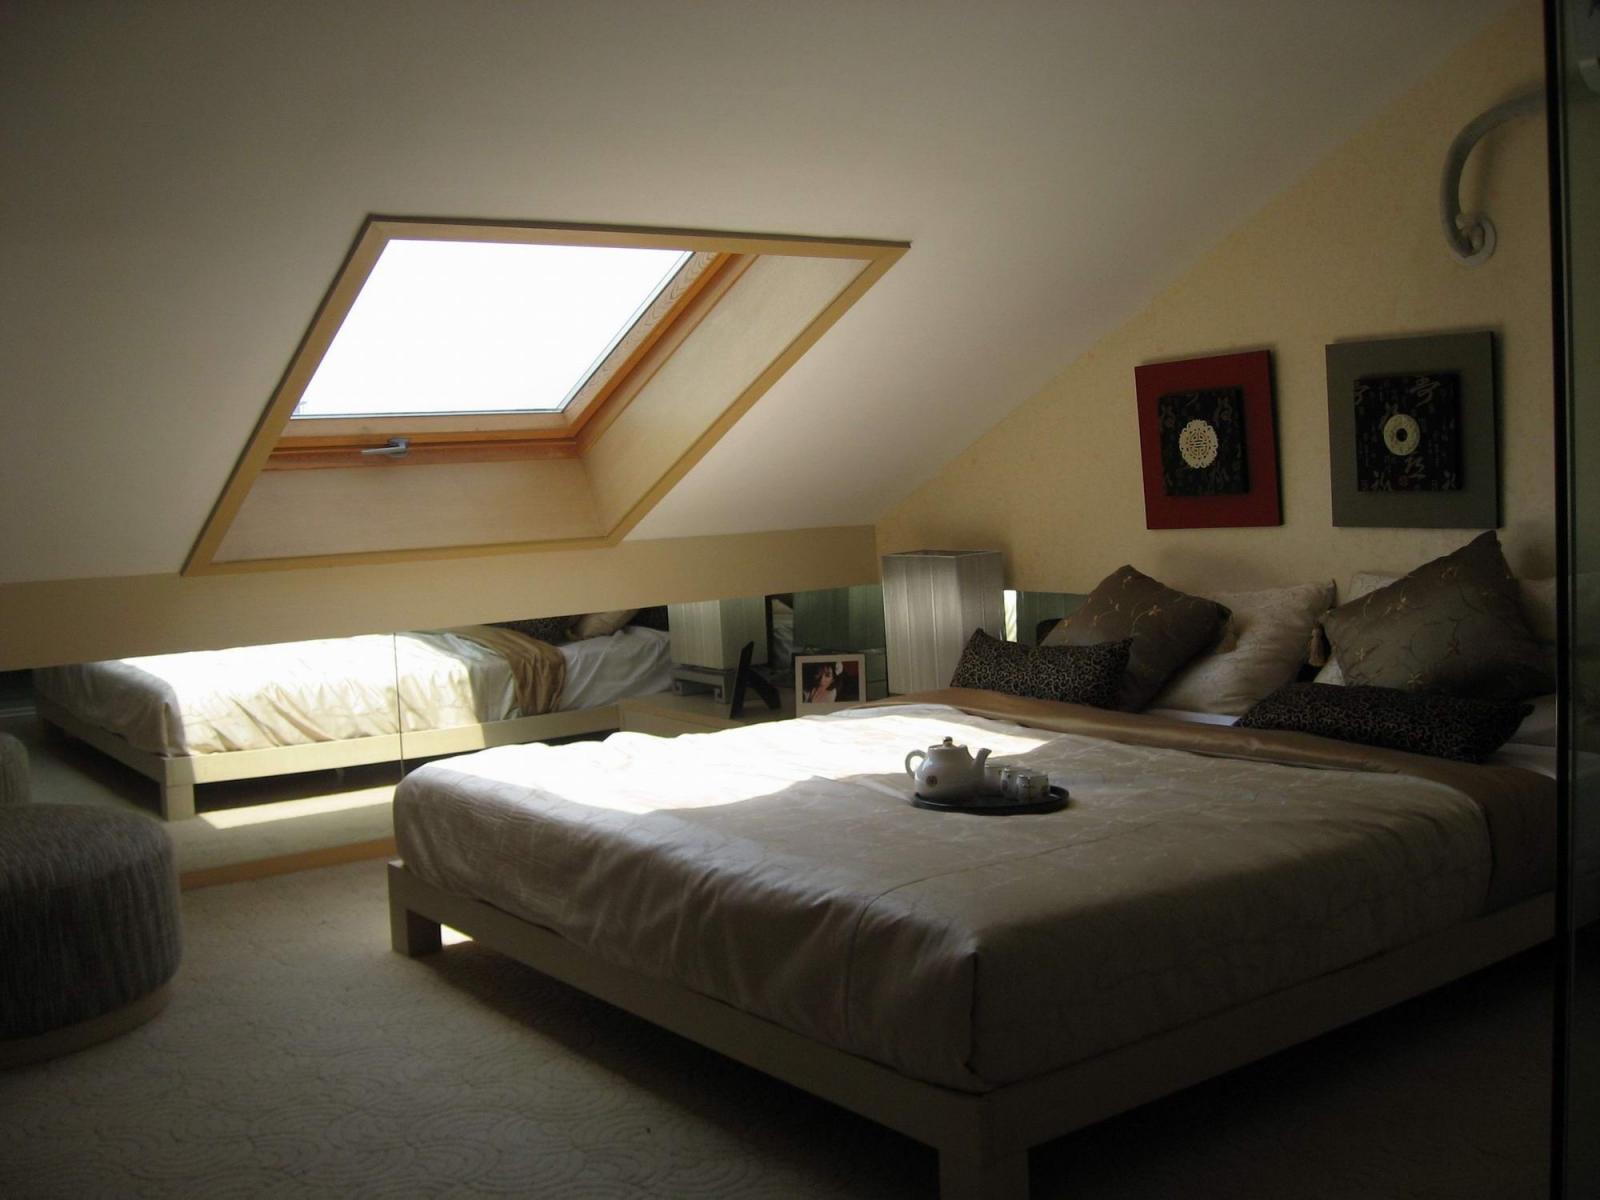 背景墙 床 房间 家居 家具 设计 卧室 卧室装修 现代 装修 2000_1500